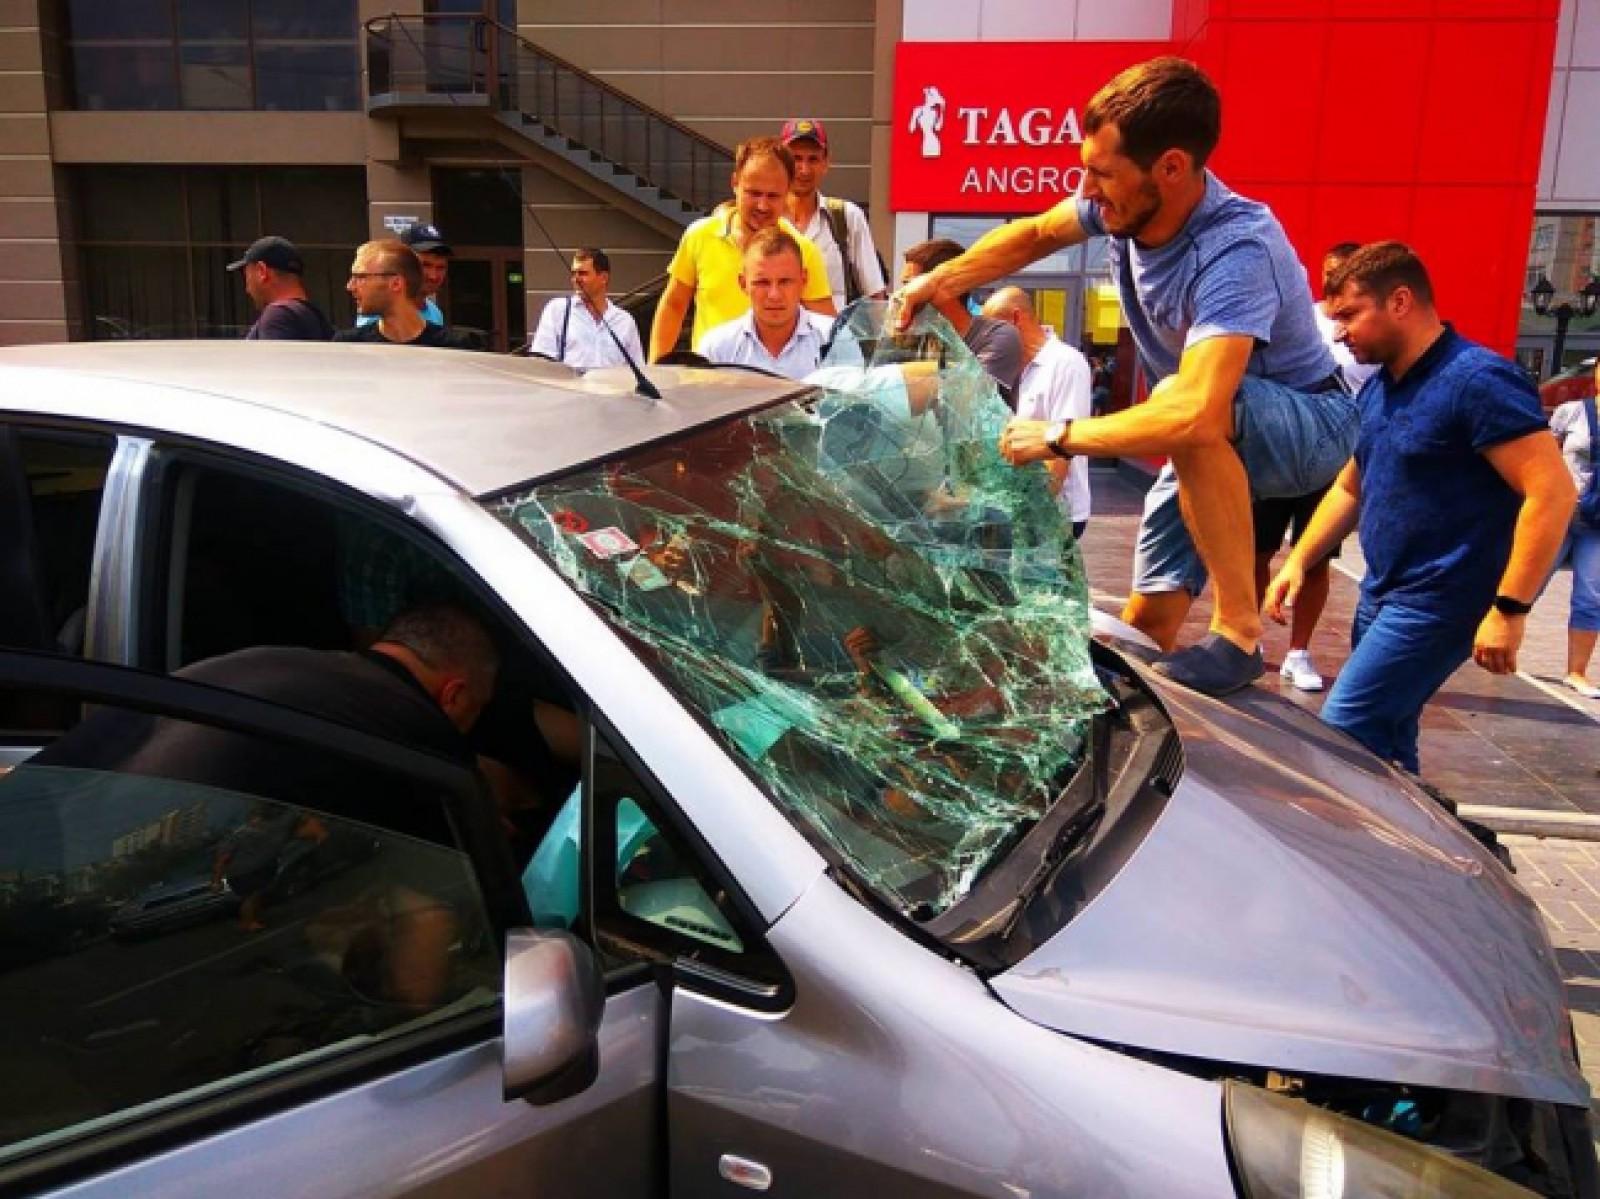 Серьезная авария в центре столицы: две машины оказались всмятку (ФОТО)